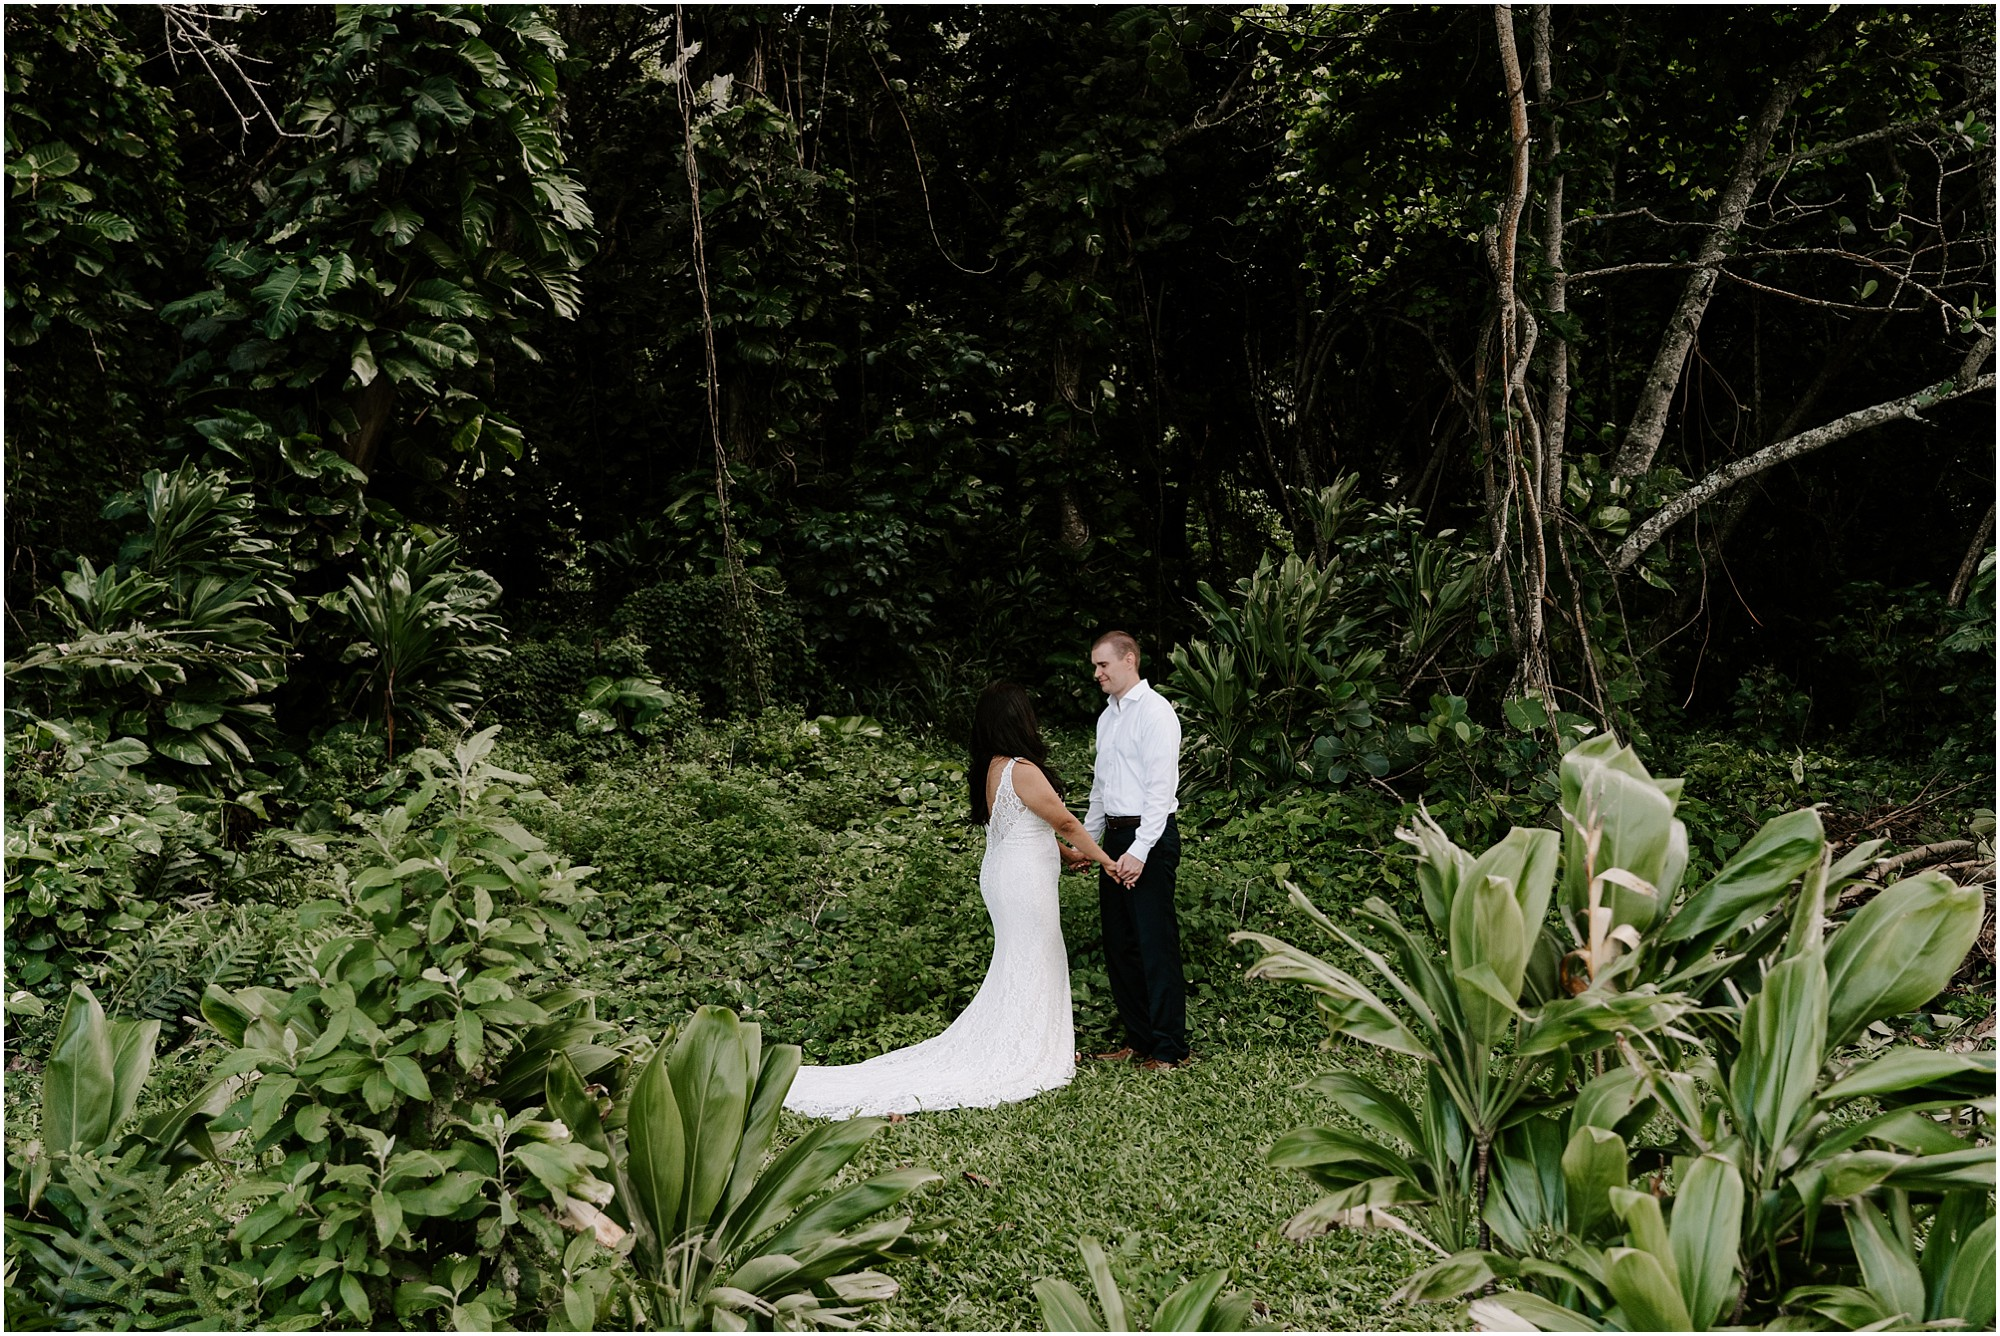 oahu-intimate-bridal-adventure-session_0007.jpg